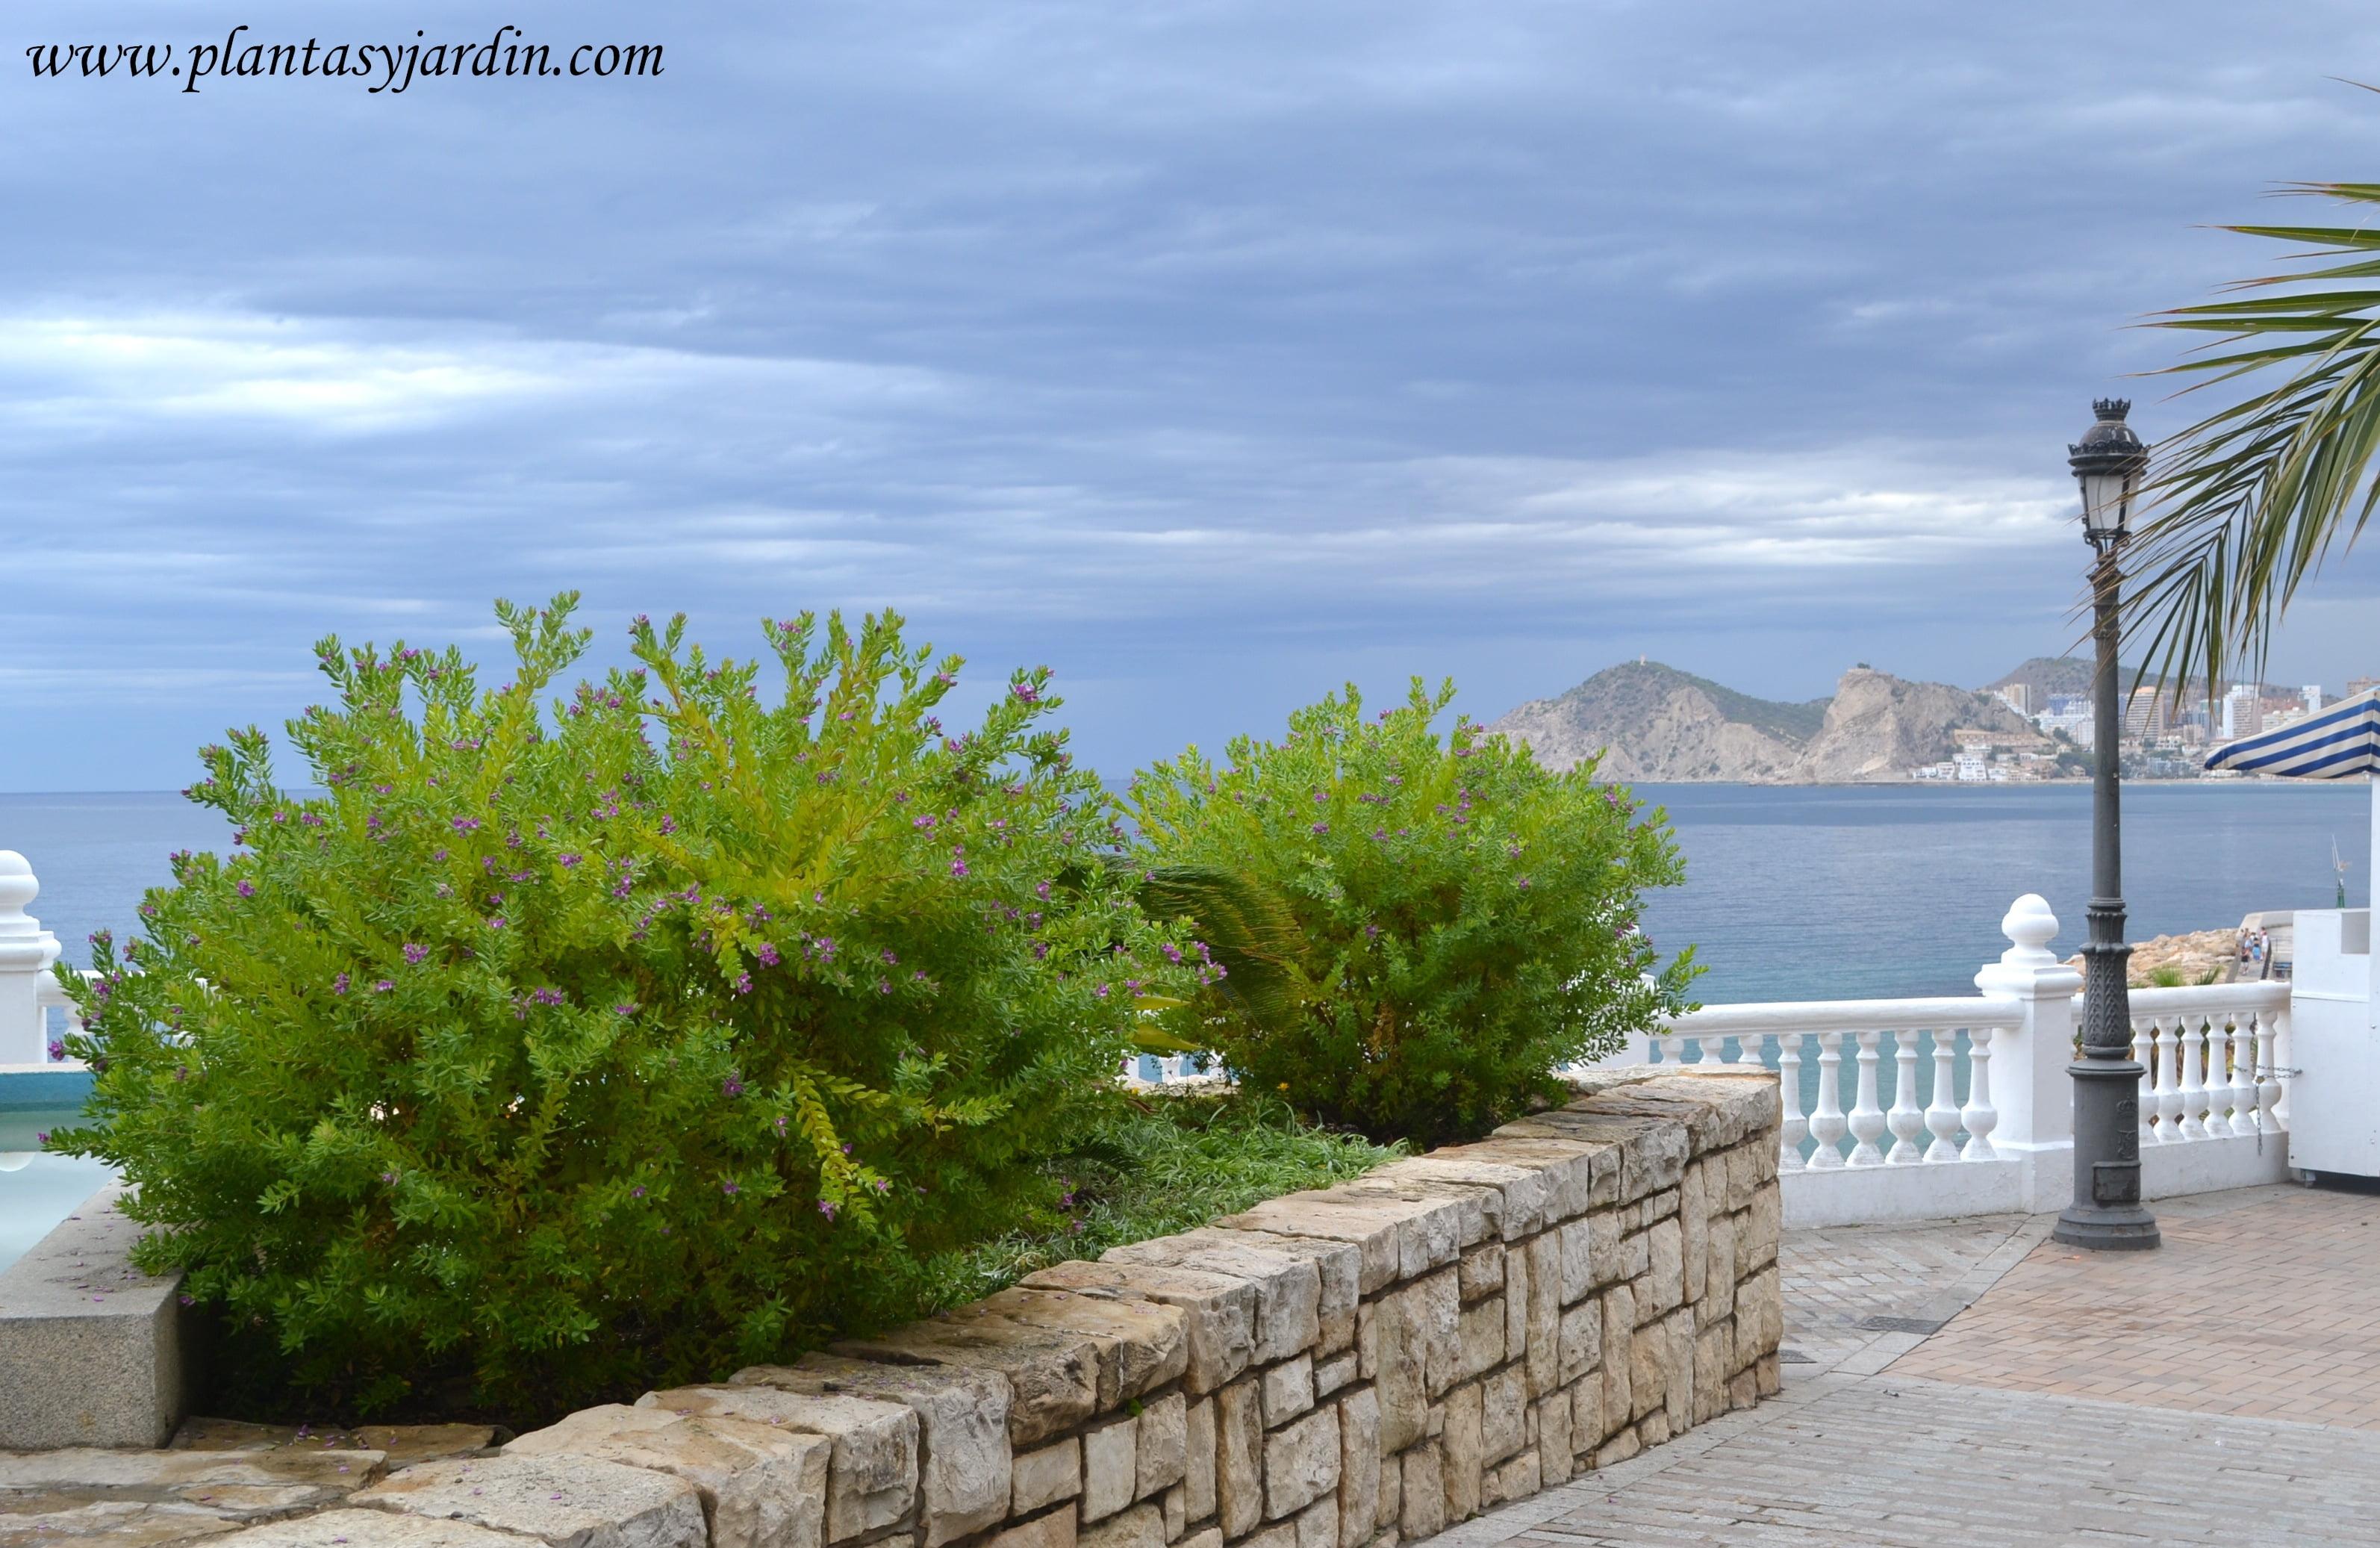 Jardines junto al mar plantas para zonas costeras - Arbustos enanos para jardin ...